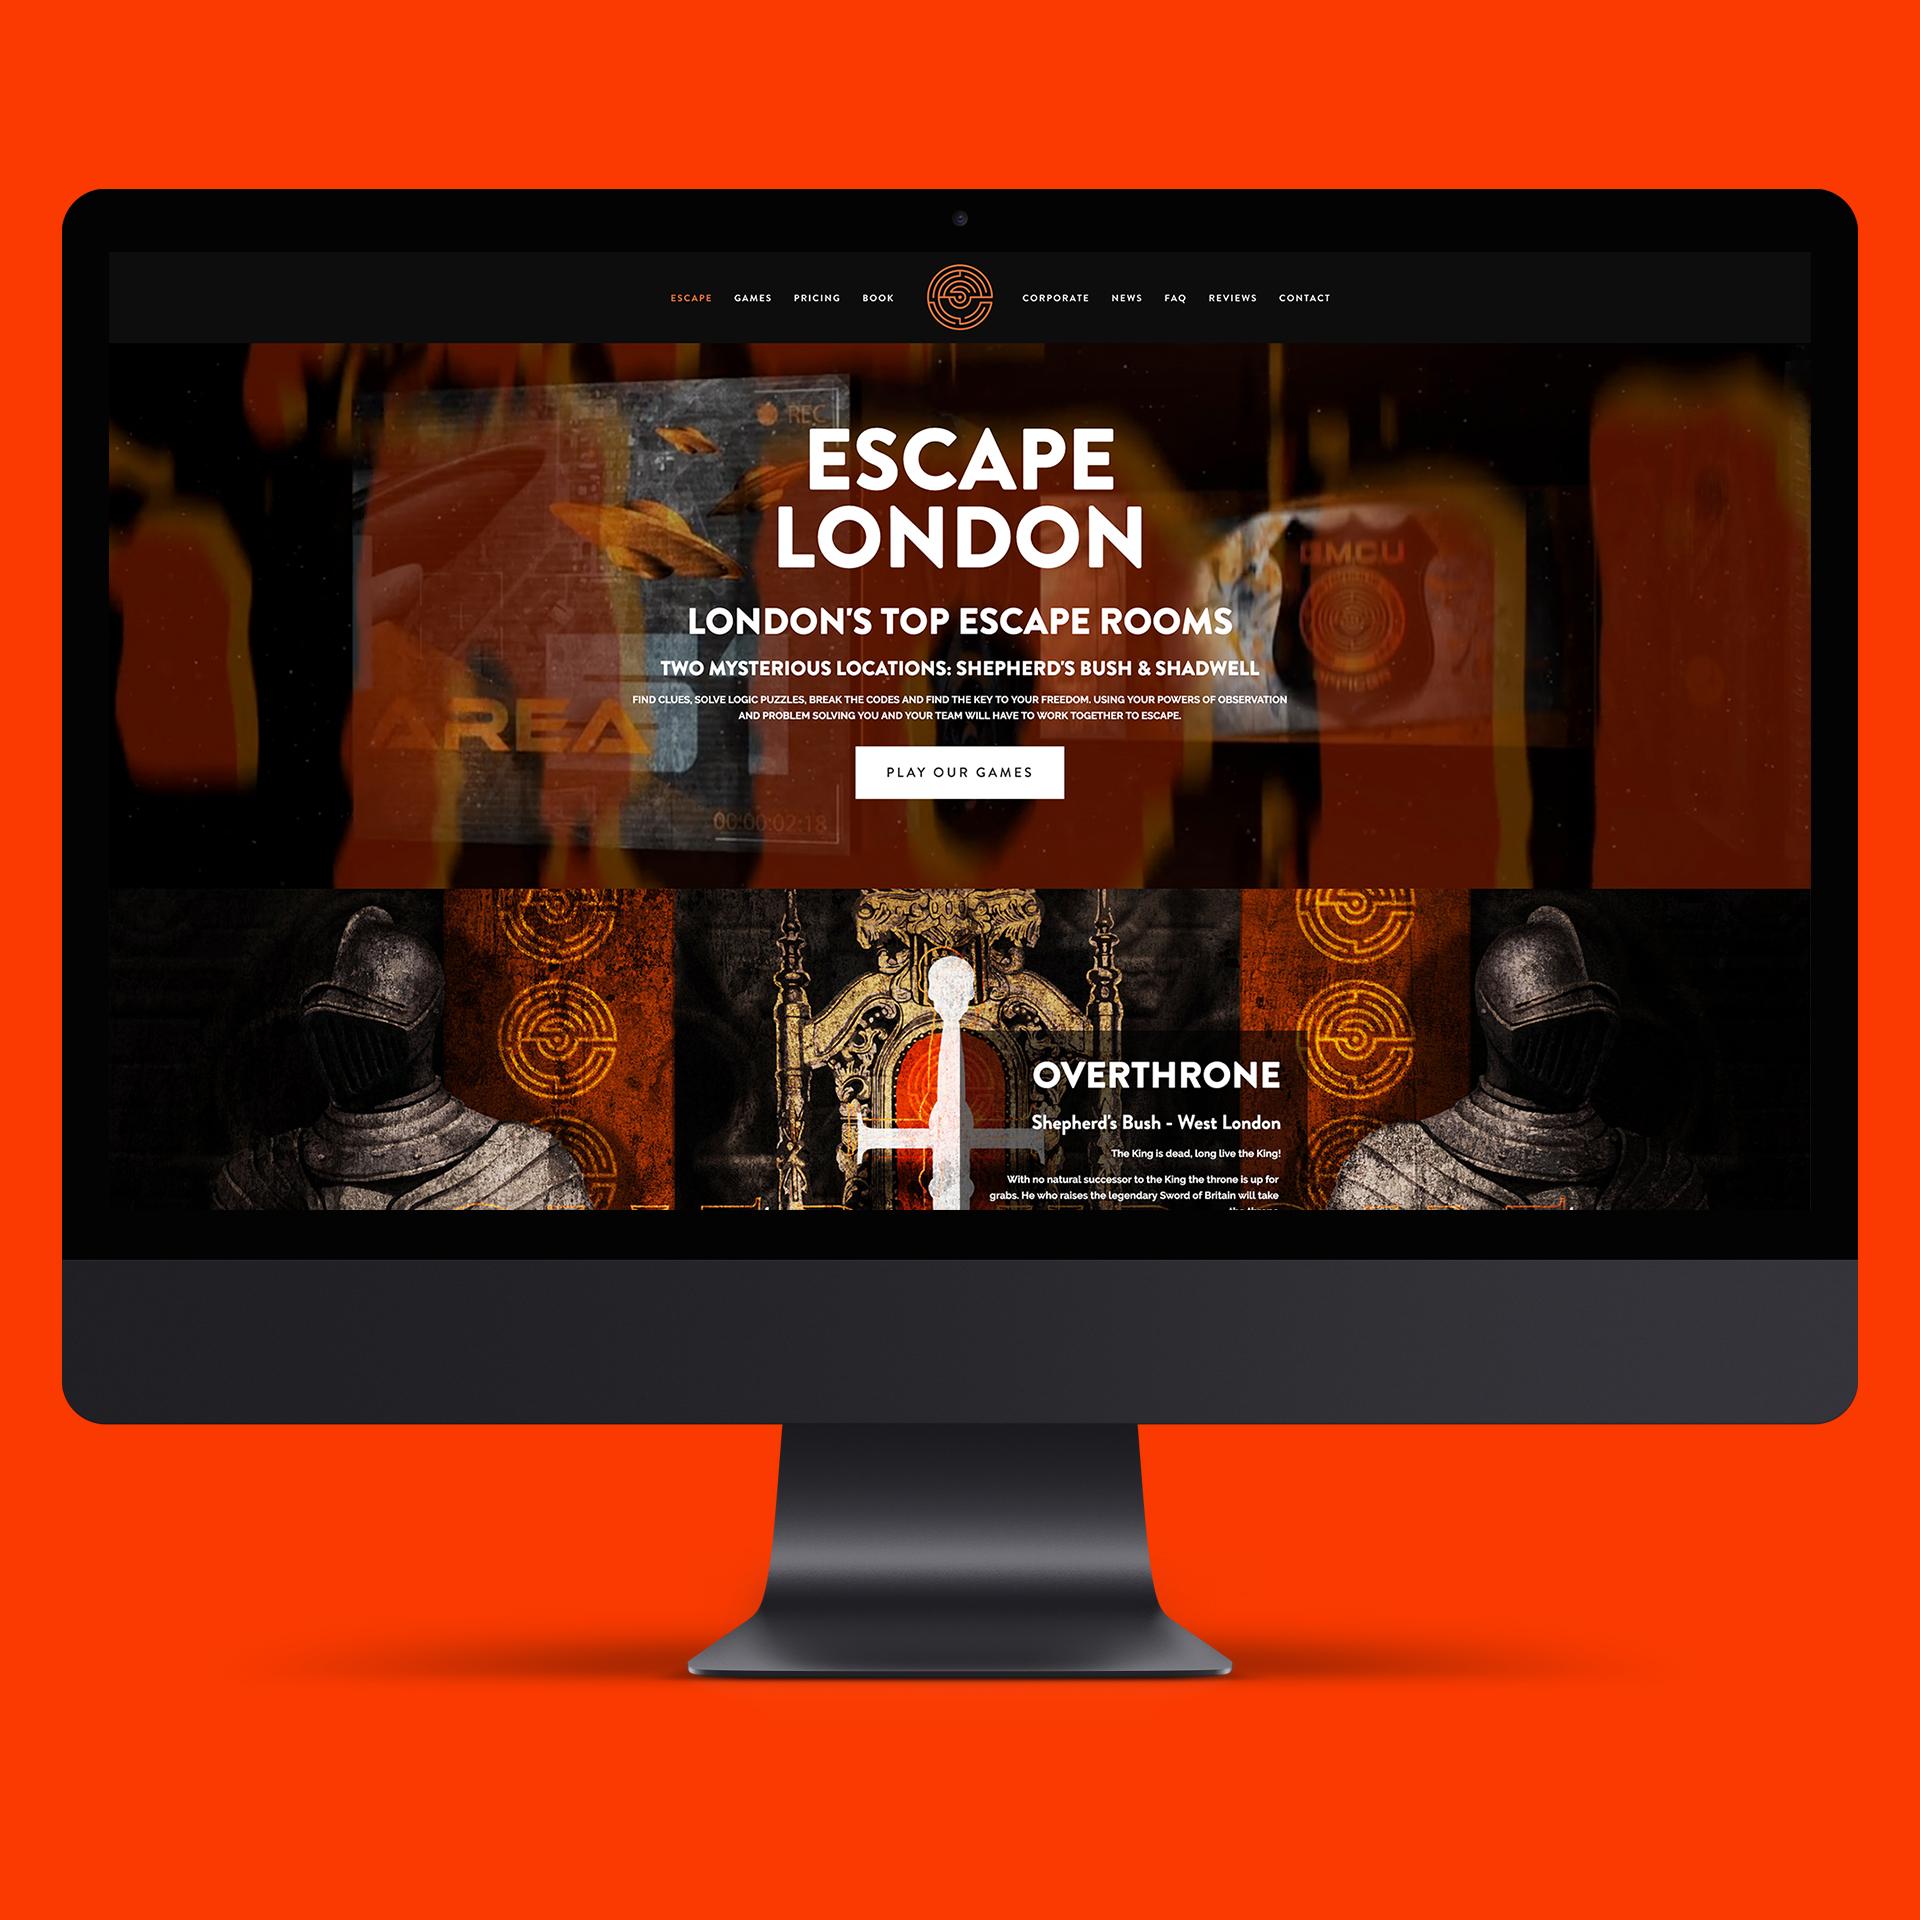 escape-london.co.uk